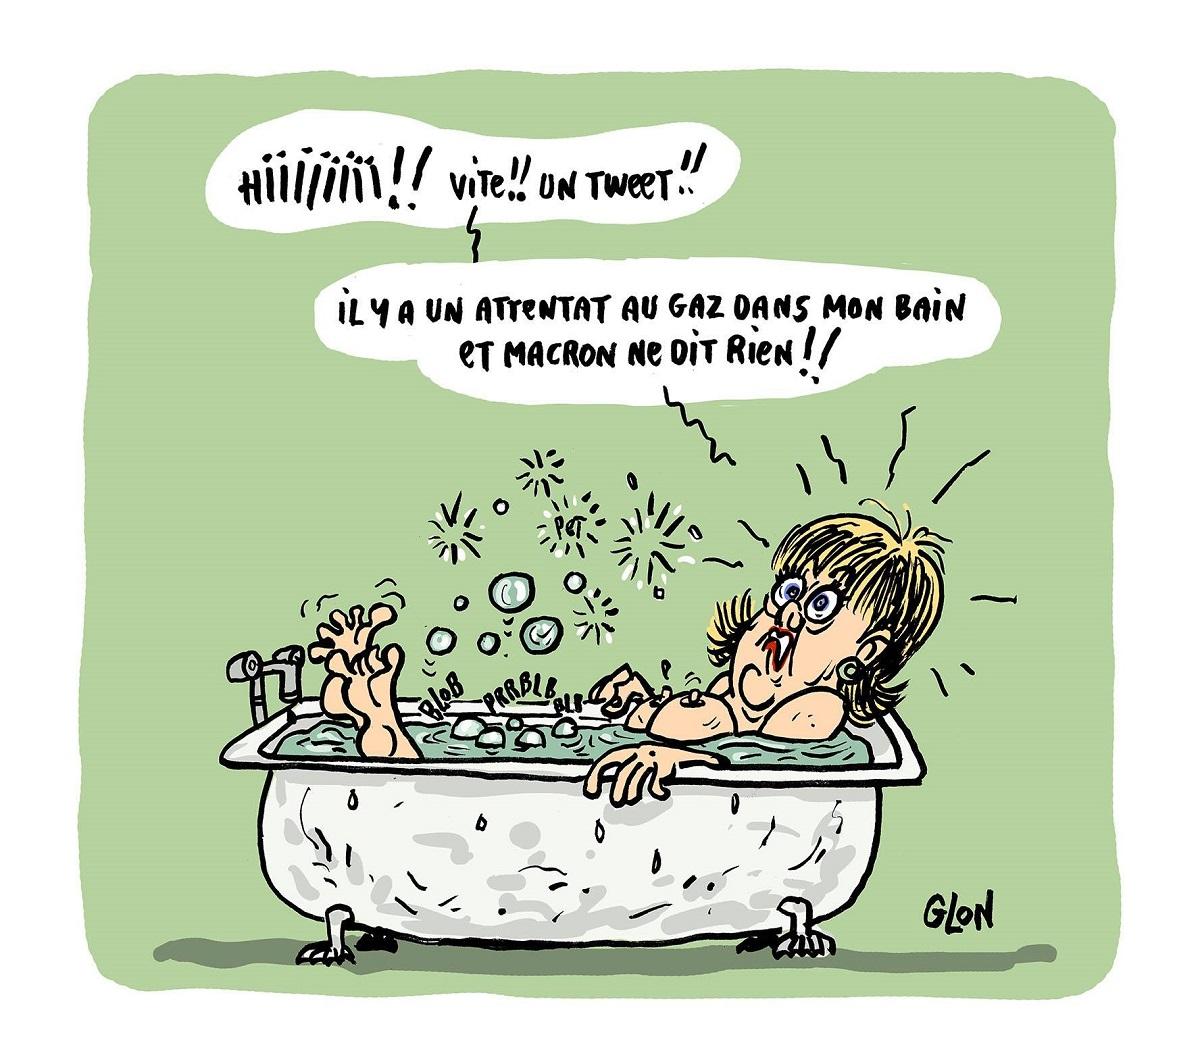 dessin humoristique de Nadine Morano qui pète dans son bain